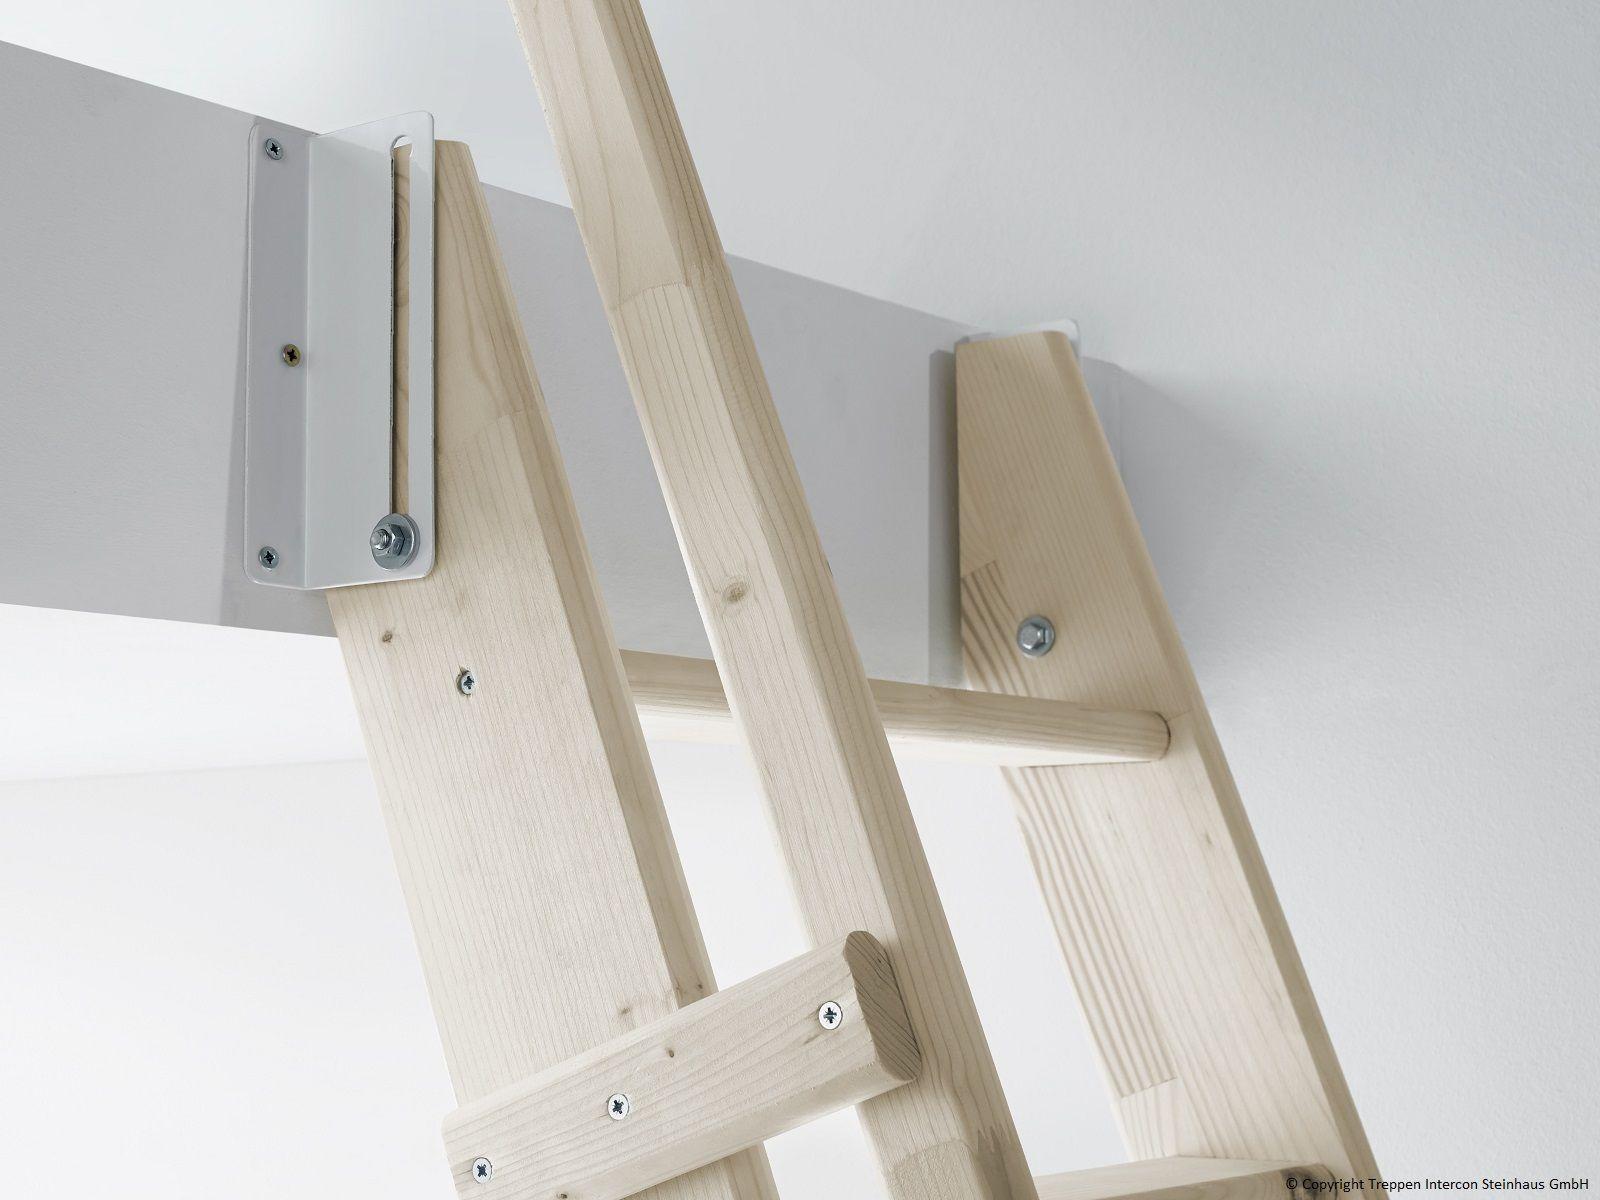 Raumspartreppe minka flexiblo hier ab lager treppen intercon ruimtebesparende trap - Ruimtebesparende mezzanine ...